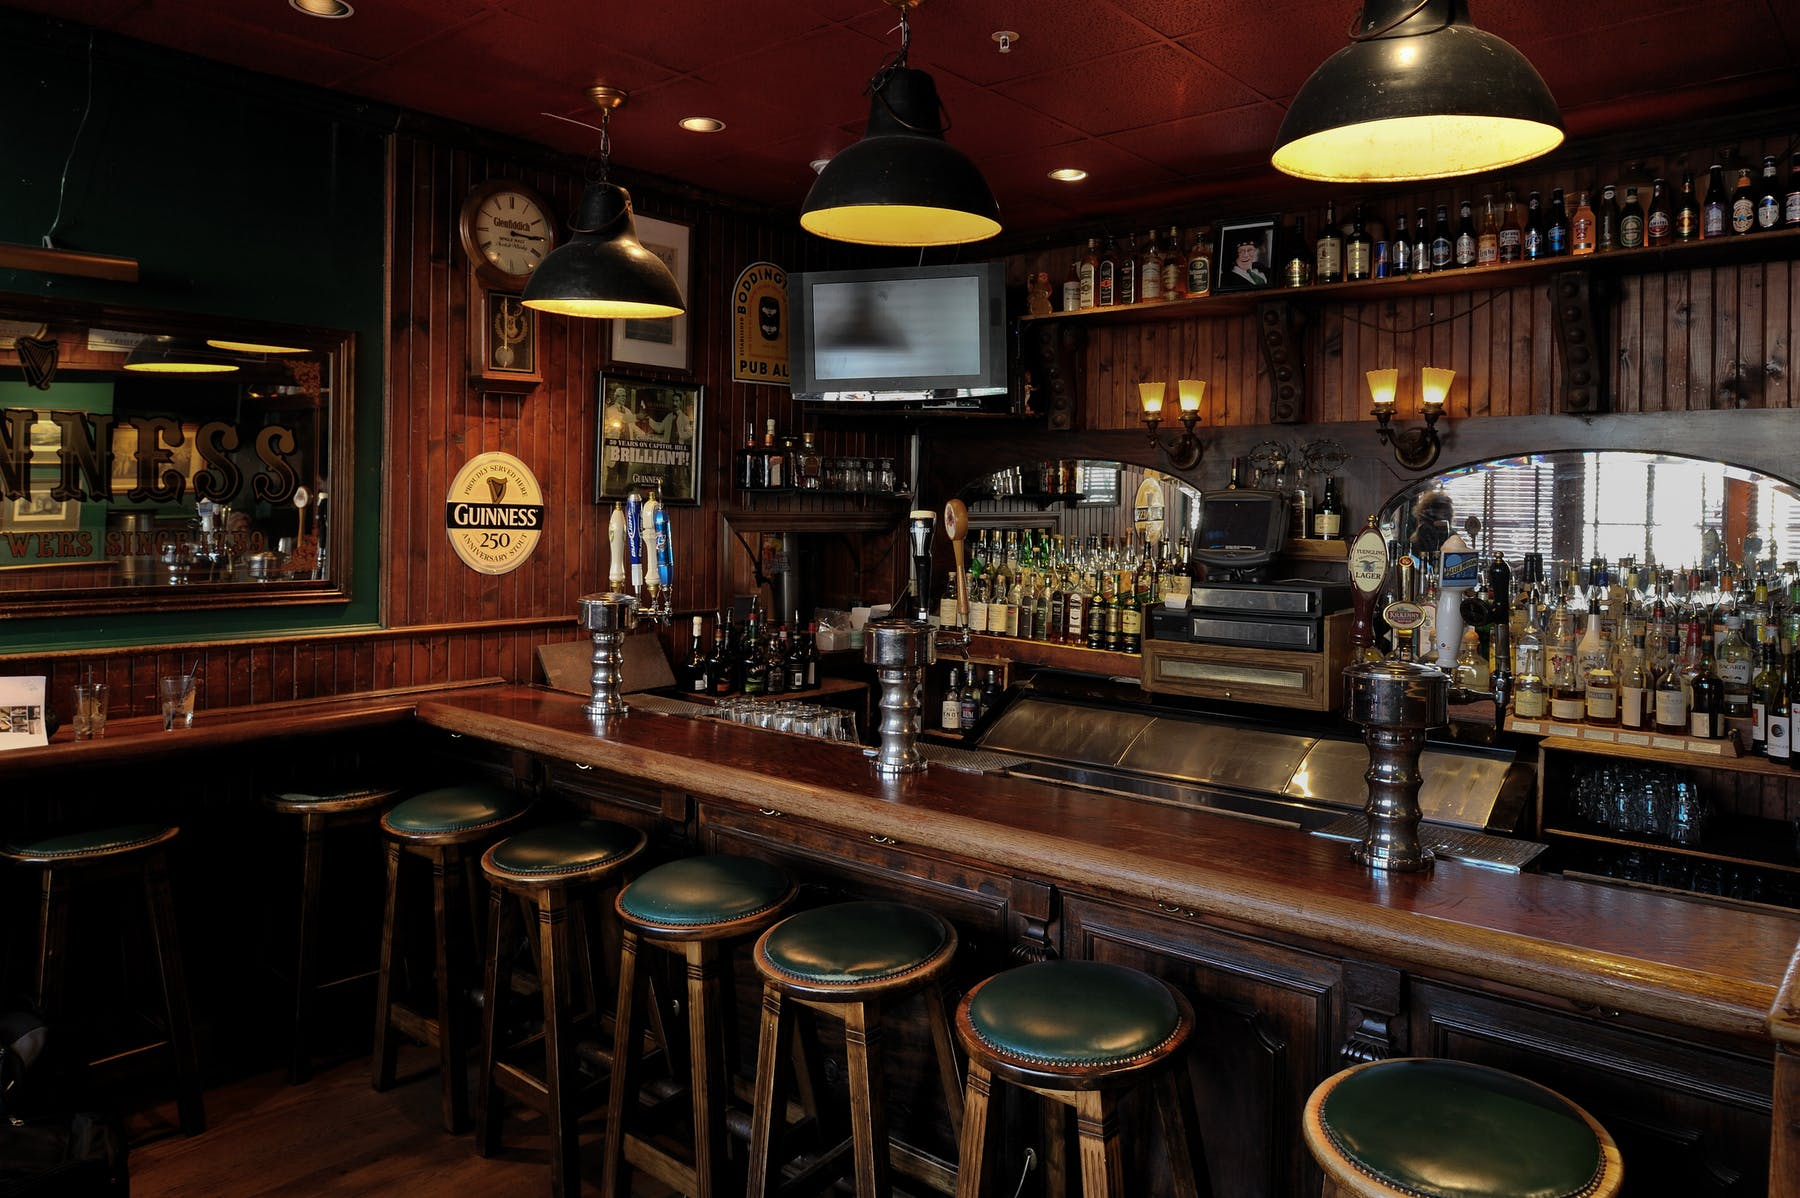 The President's Bar